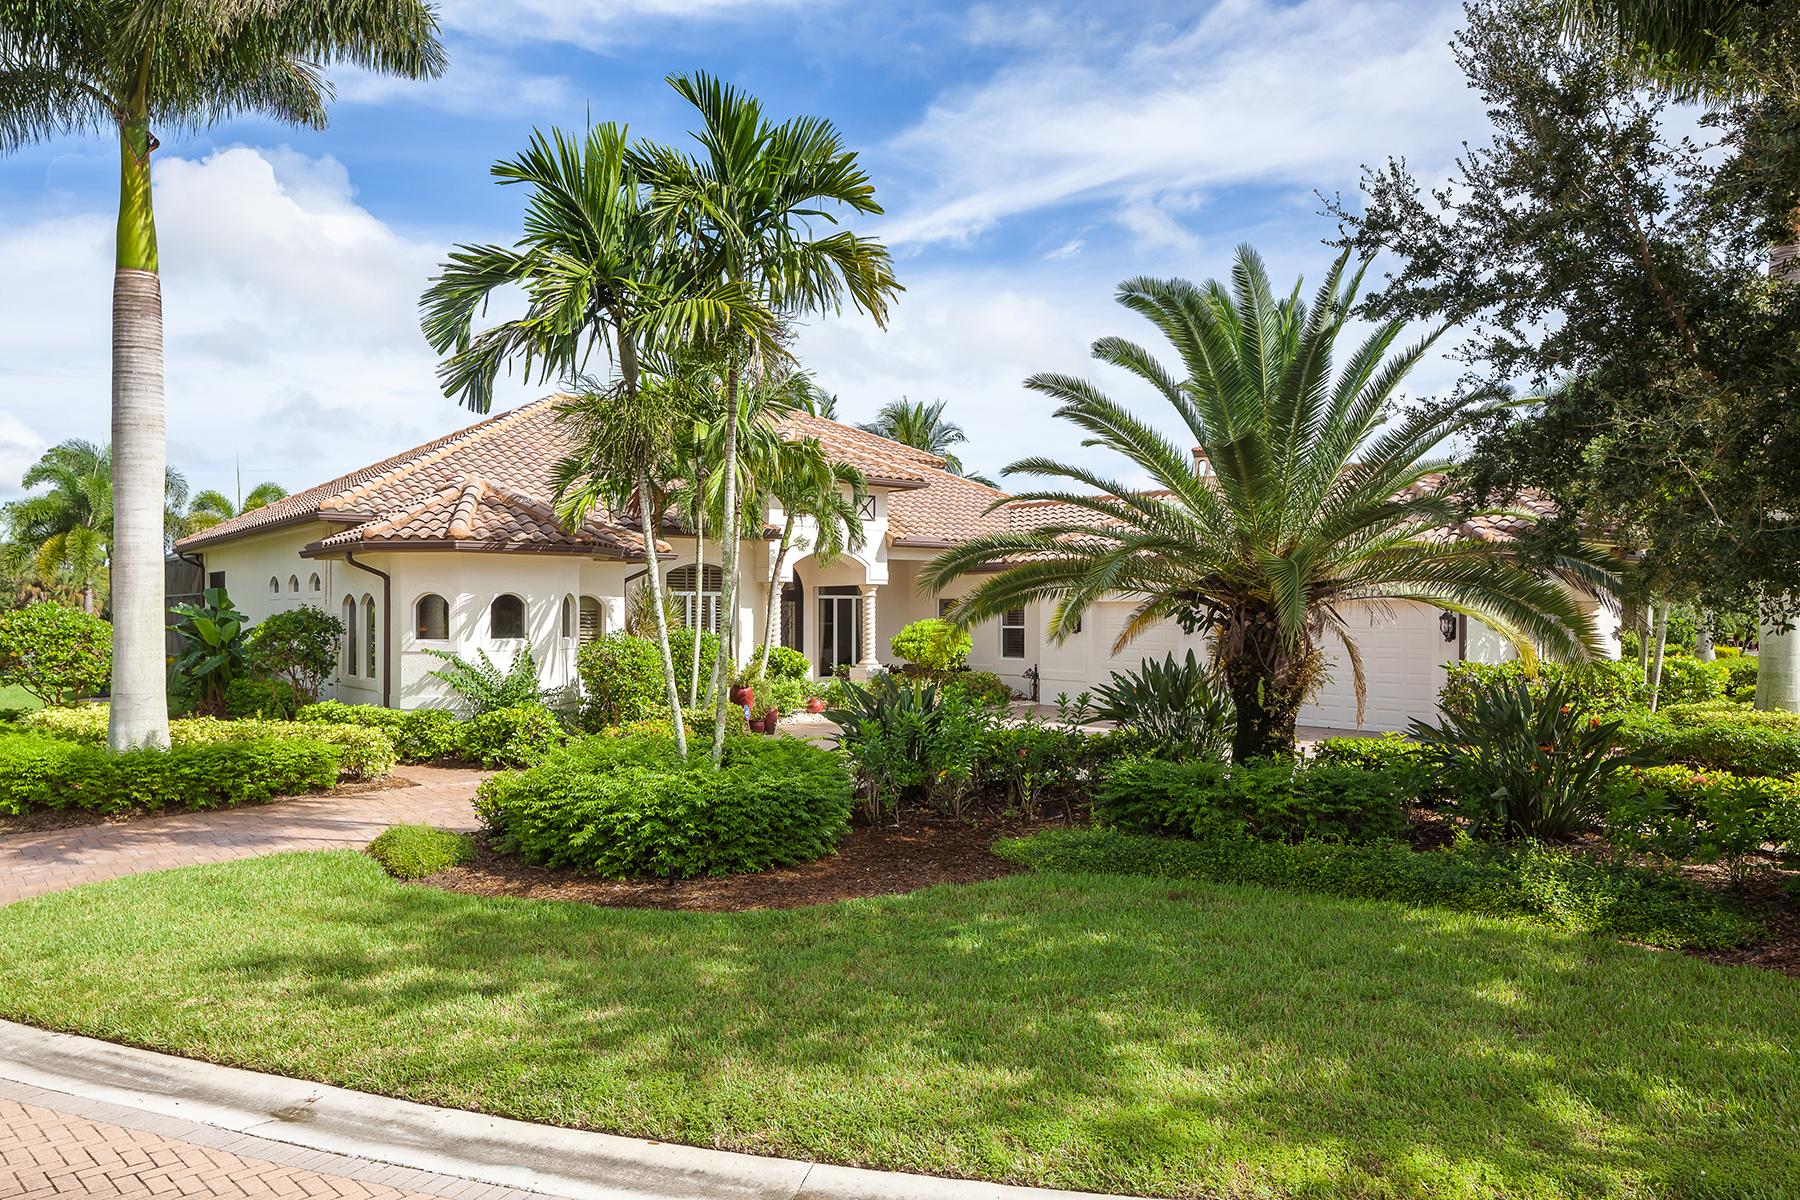 Maison unifamiliale pour l Vente à LELY RESORT - CLASSICS PLANTATION ESTATES 7541 Snead Ct Naples, Florida, 34113 États-Unis